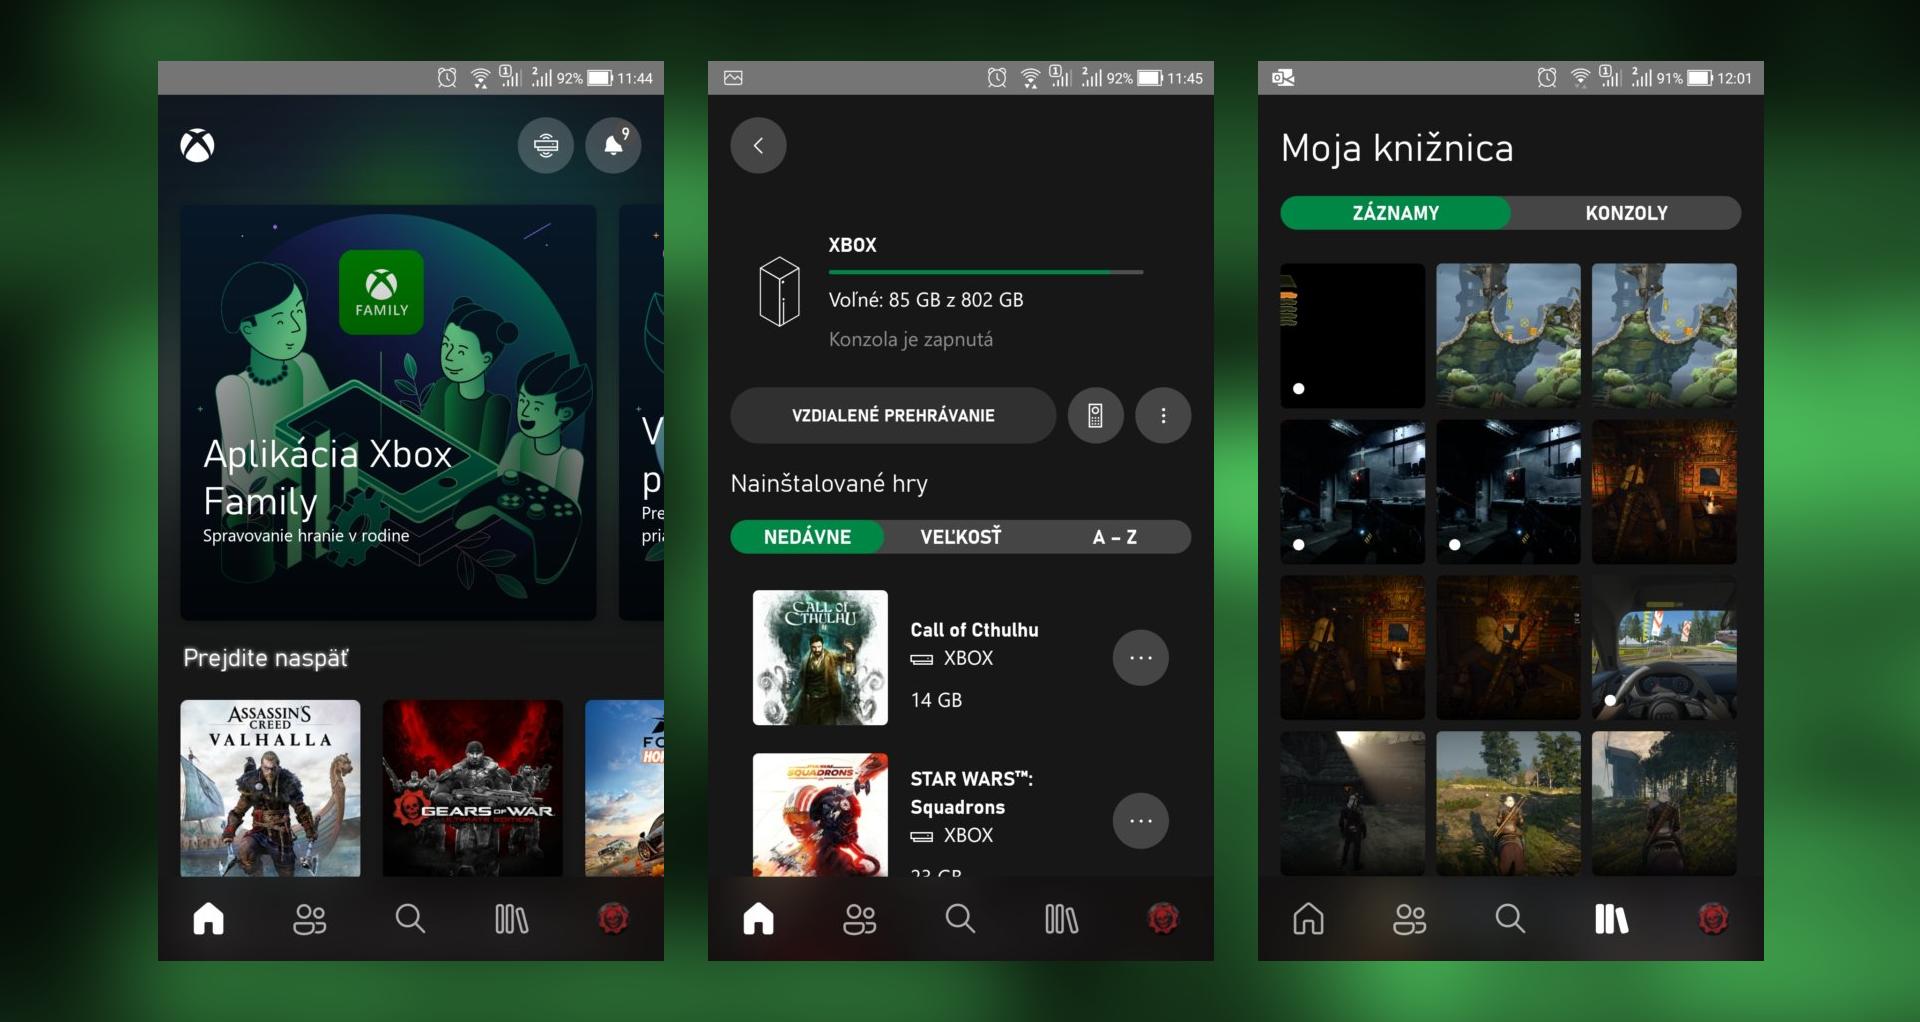 V mobilnej appke Xbox nájdeš aj galériu médií, teda tebou zachytené screenshoty a videá z hier. Vieš sa na konzolu aj priamo pripojiť a streamovať z nej obraz do mobilu.